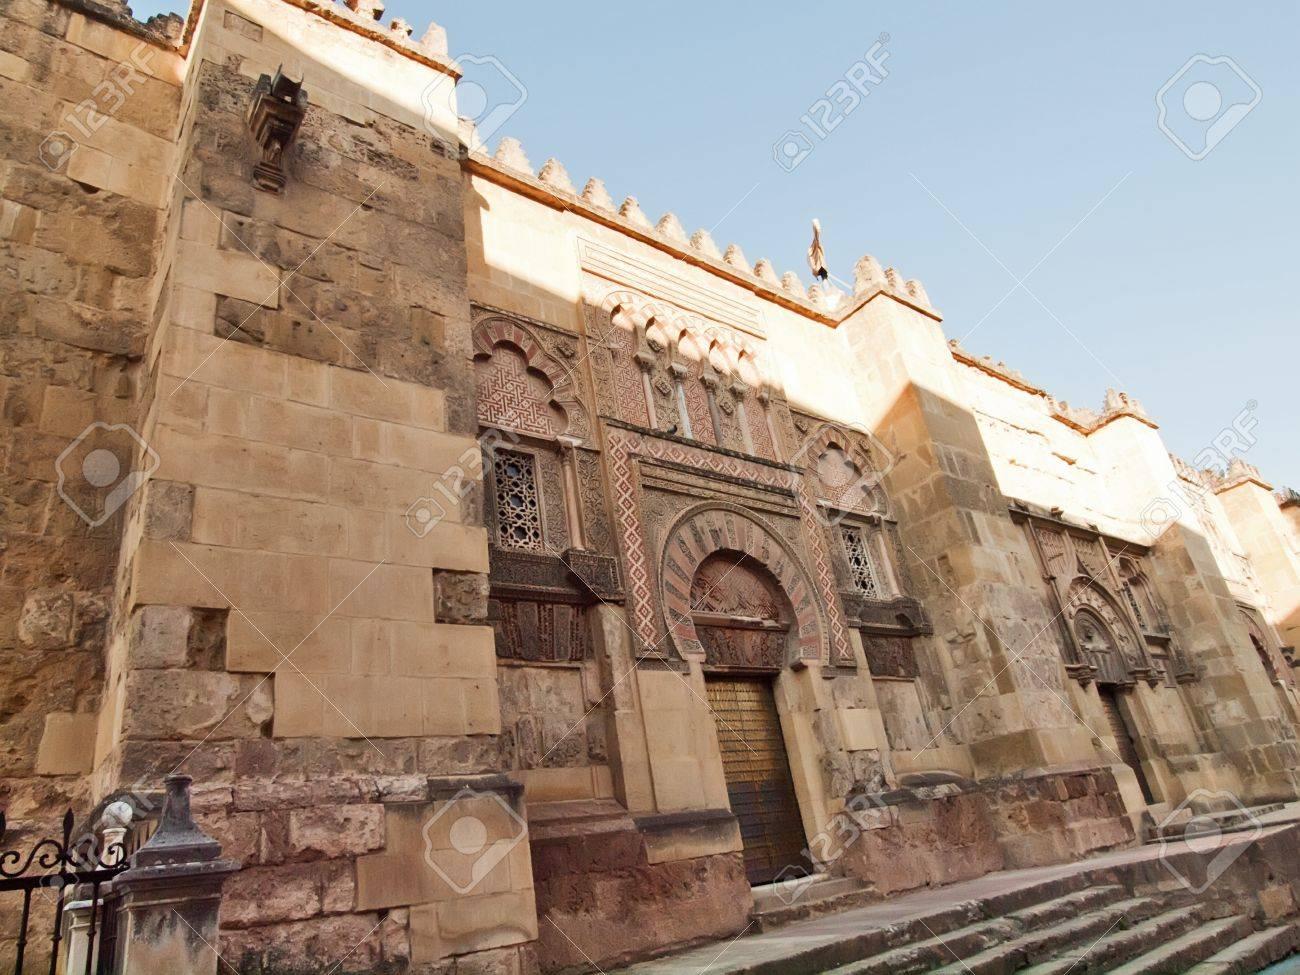 el alminar vista desde las paredes exteriores de la mezquita catedral de crdoba espaa